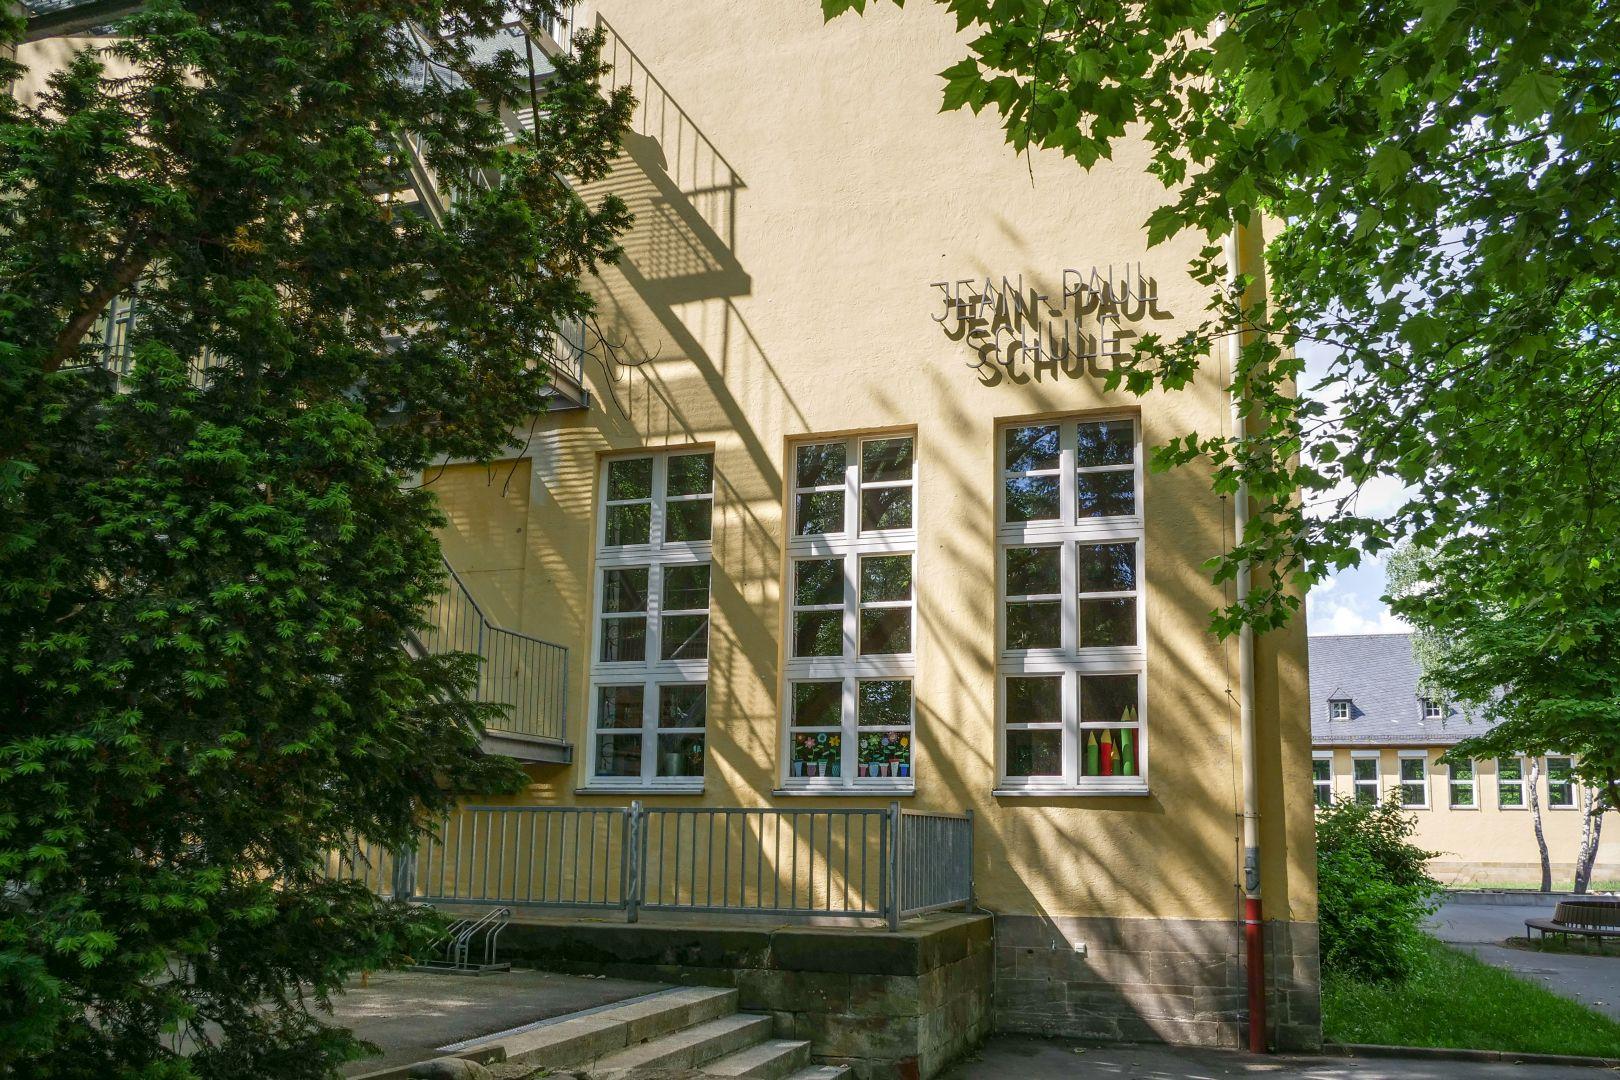 jean paul schule bayreuth